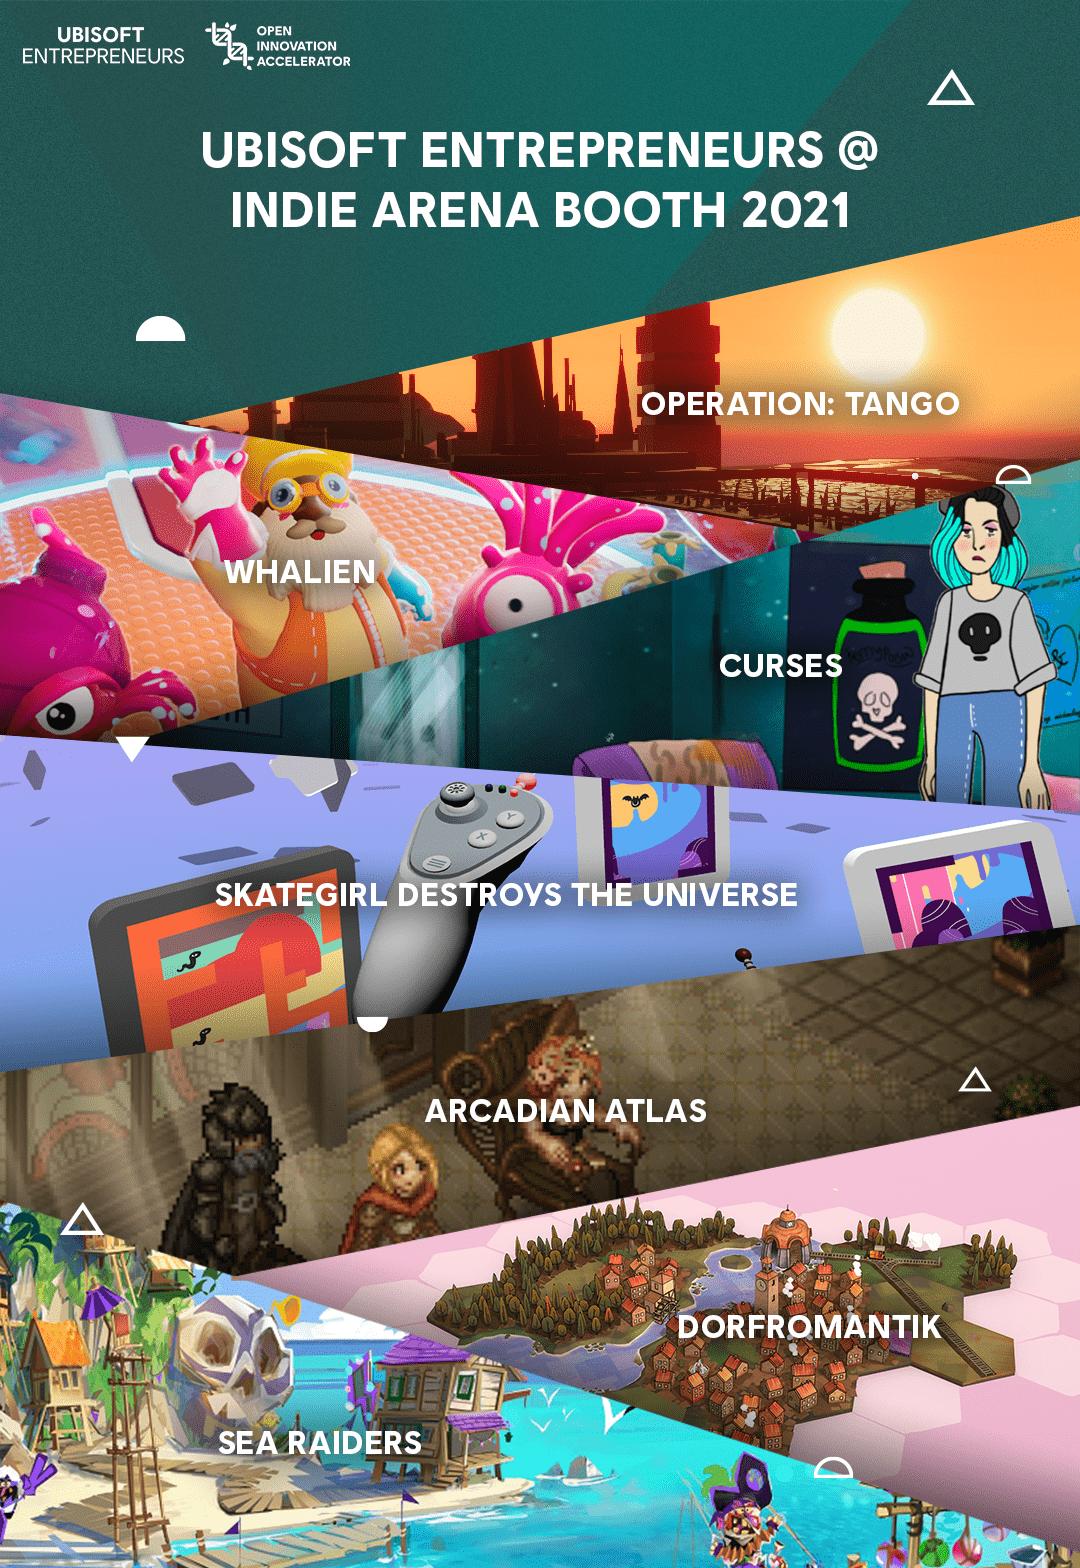 育碧携七家独立游戏工作室亮相2021Gamescom独立游戏展会